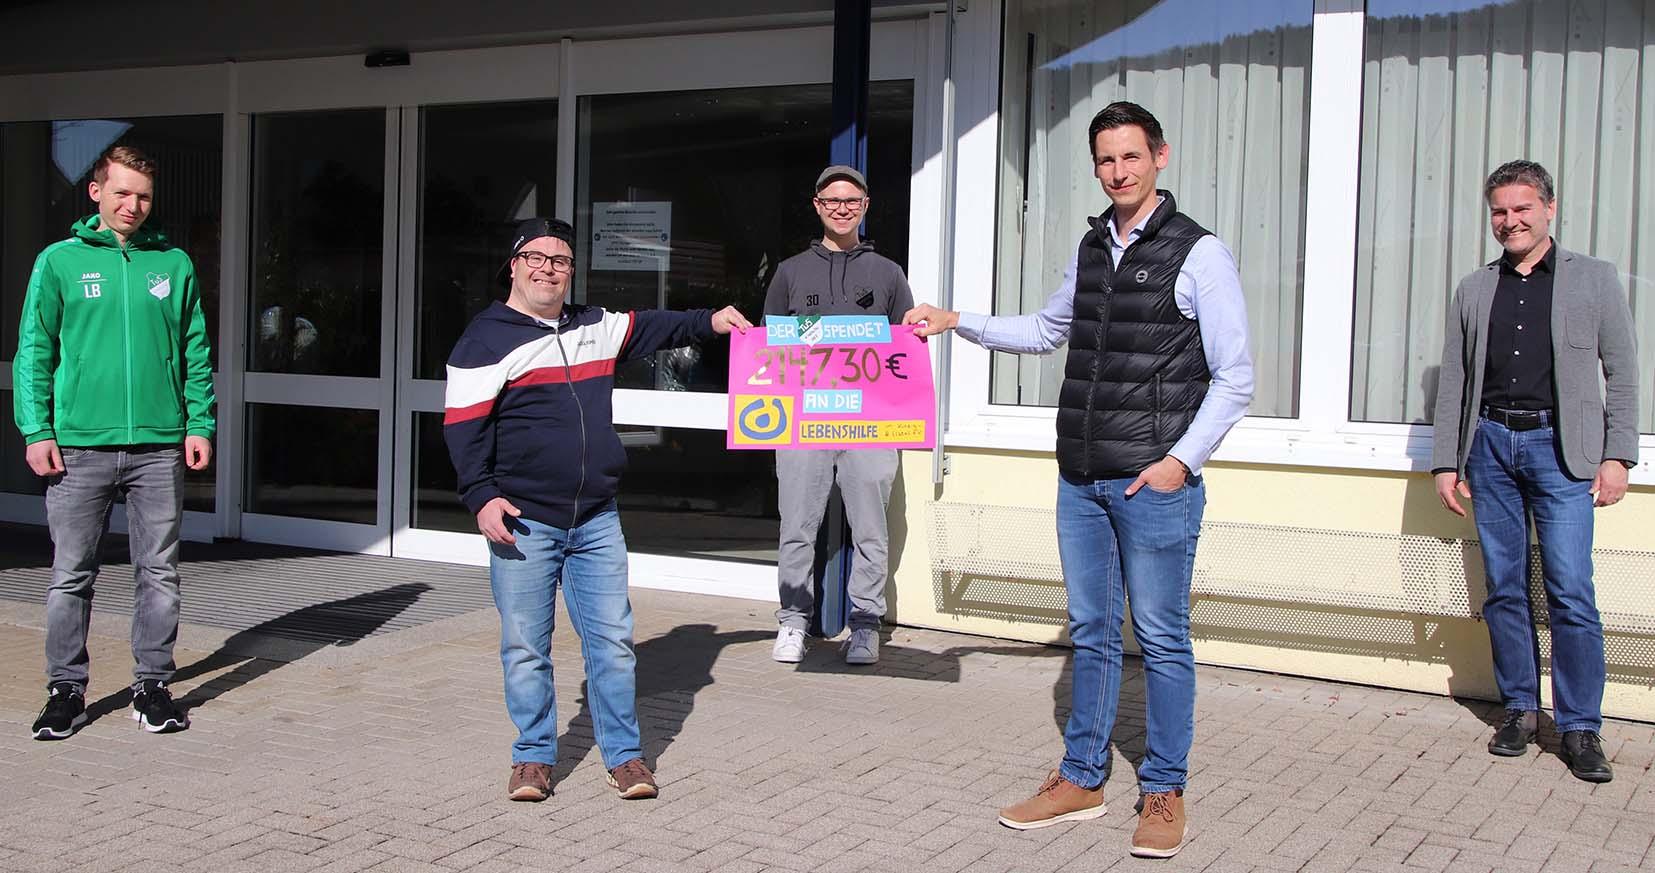 2021-4-14-Kinzigtal-Inge Schoch-TuS Kinzigtal-Spendenübergabe-IMG_7718_2_k